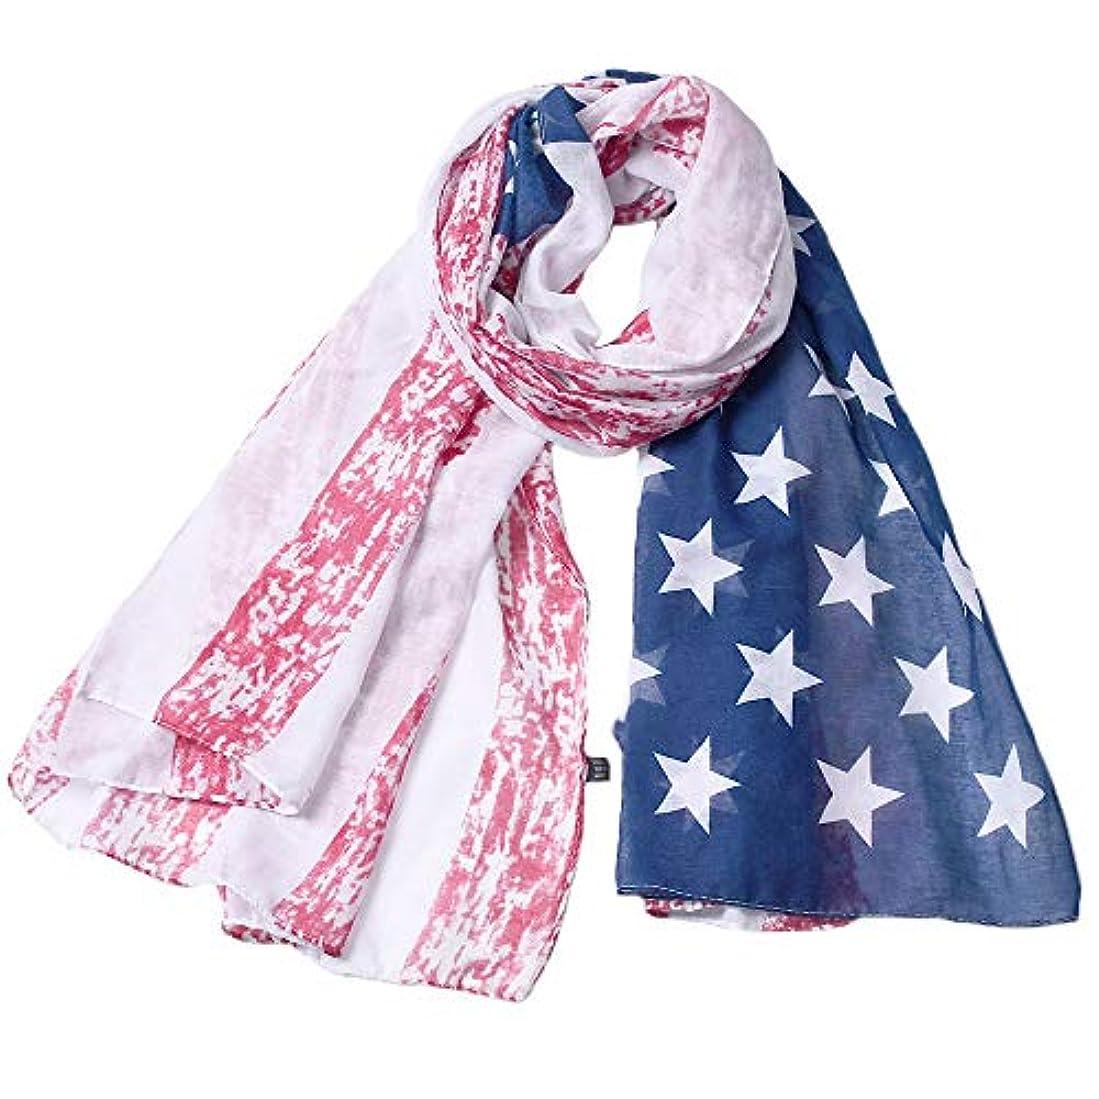 スケジュール整理するオペレーターXZP ヴィンテージVoileスカーフアメリカの国民の日のアクセサリープリント女性のためのファッションフラッグロングスカーフ